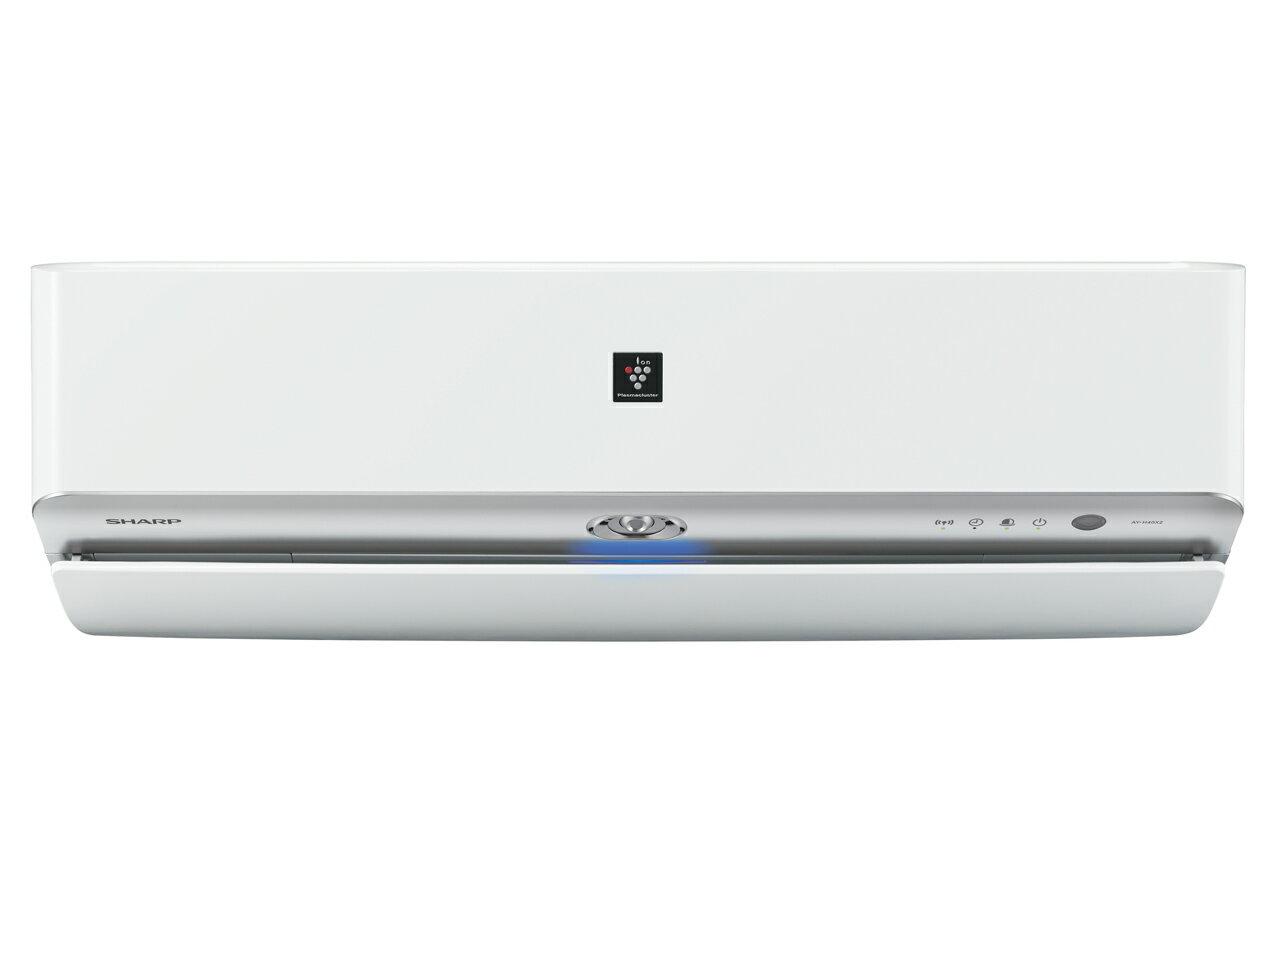 シャープ 18年度モデル H-Xシリーズ AY-H56X2-W 高濃度プラズマクラスター搭載 冷暖房タイプ18畳用エアコン